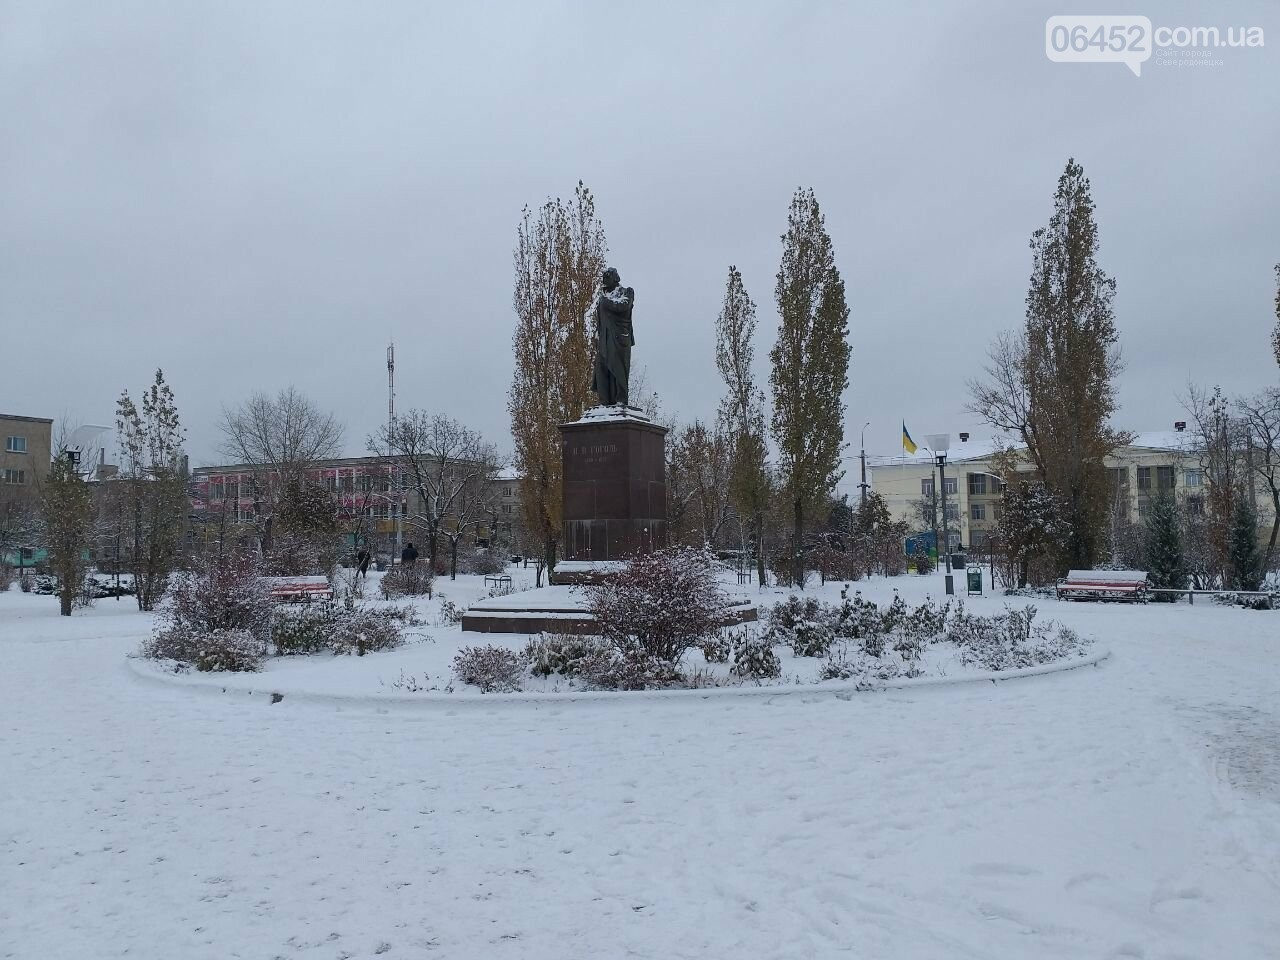 Заснеженный город: в Северодонецк пришла настоящая зимняя сказка (фото) , фото-3